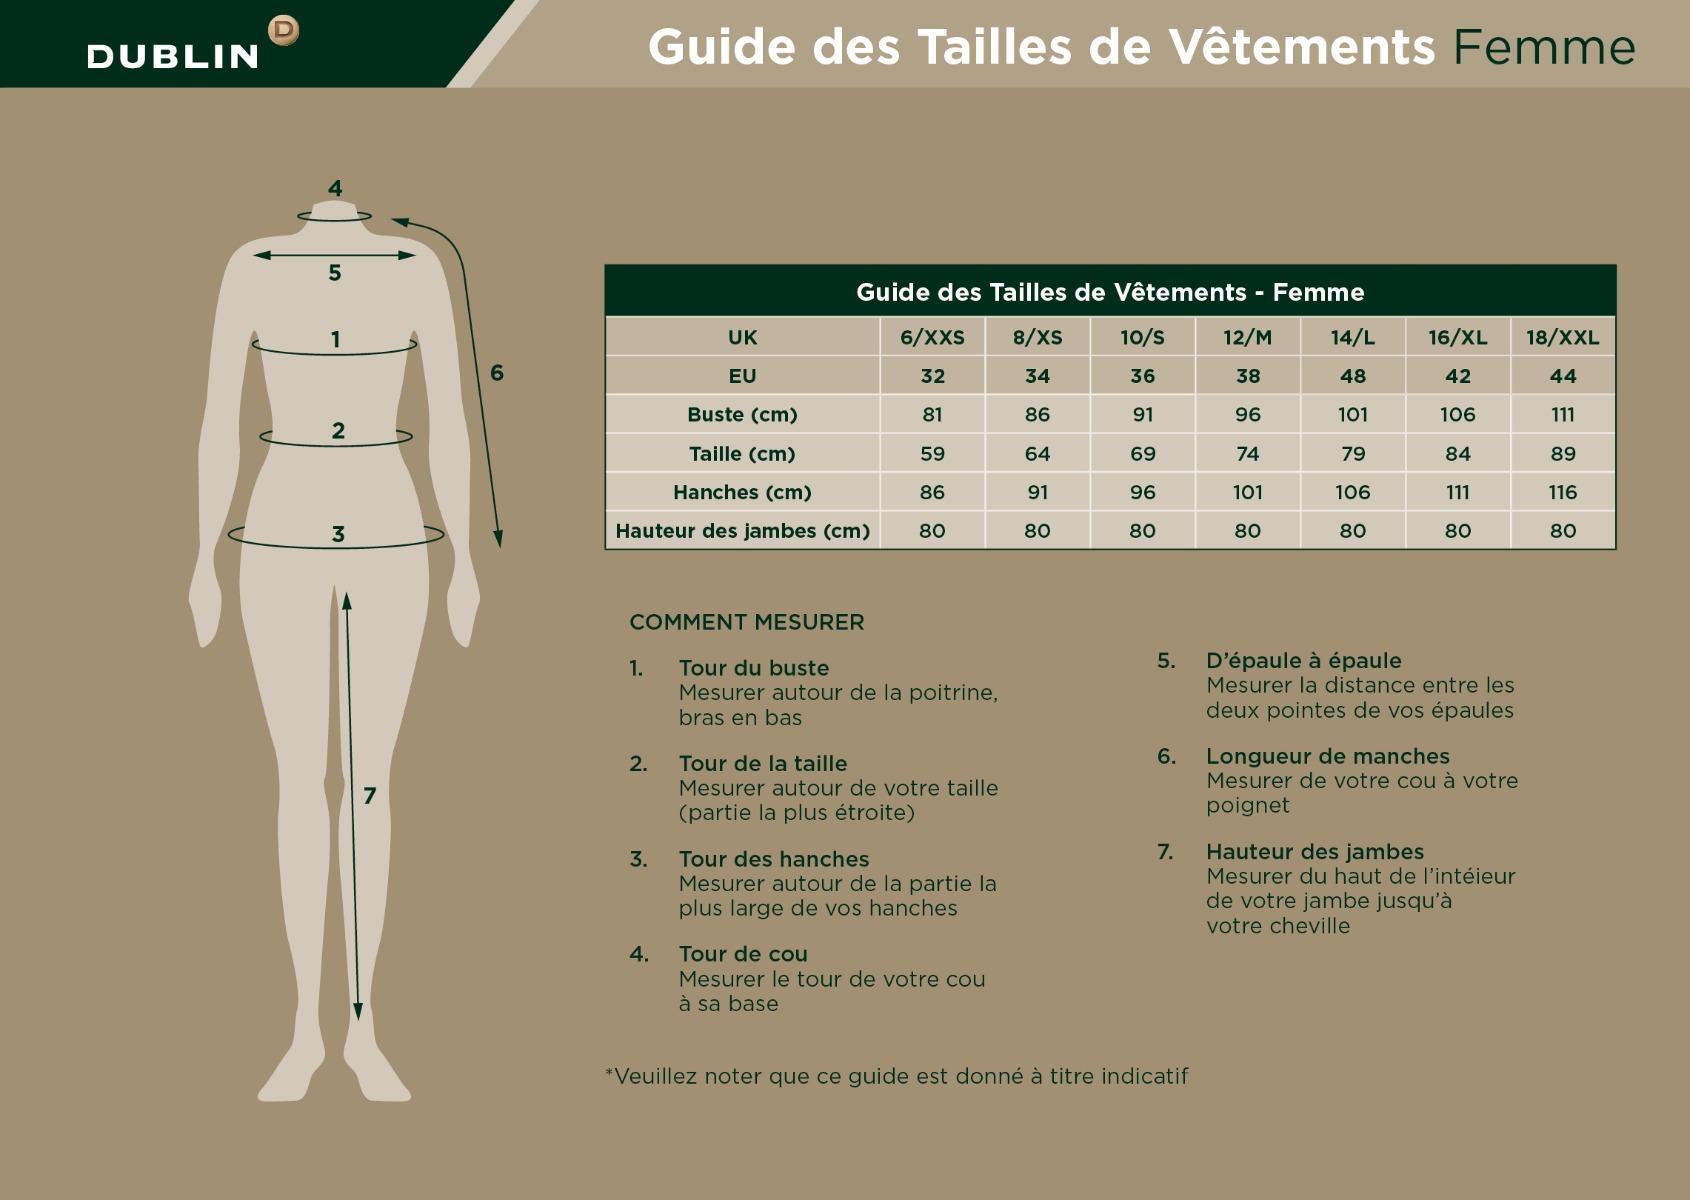 Guide des Tailles de Vêtements Femme